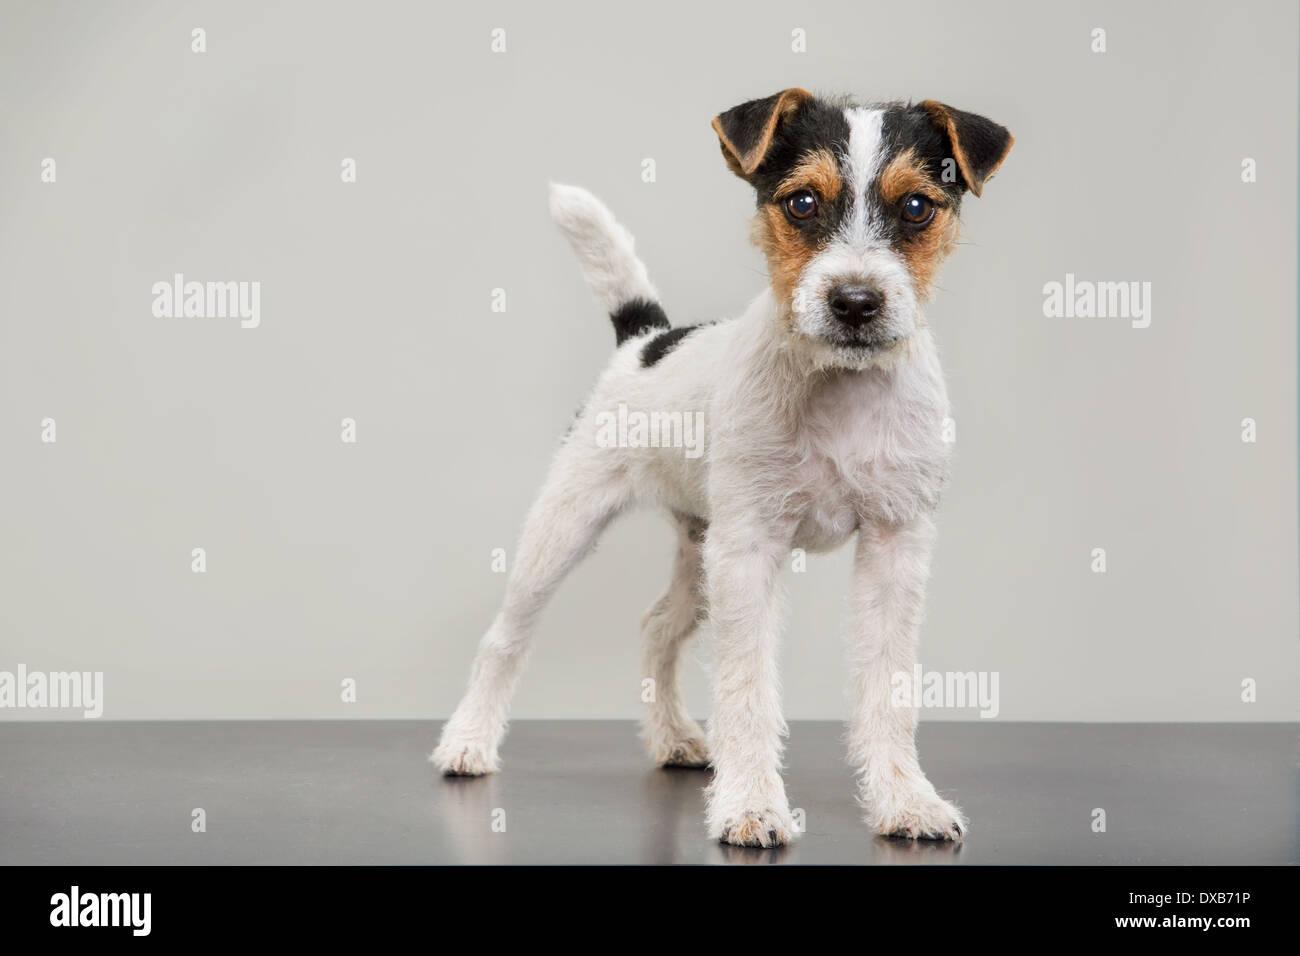 Ritratto in studio di Jack Russell Terrier cucciolo standing, fissando la fotocamera. Immagini Stock